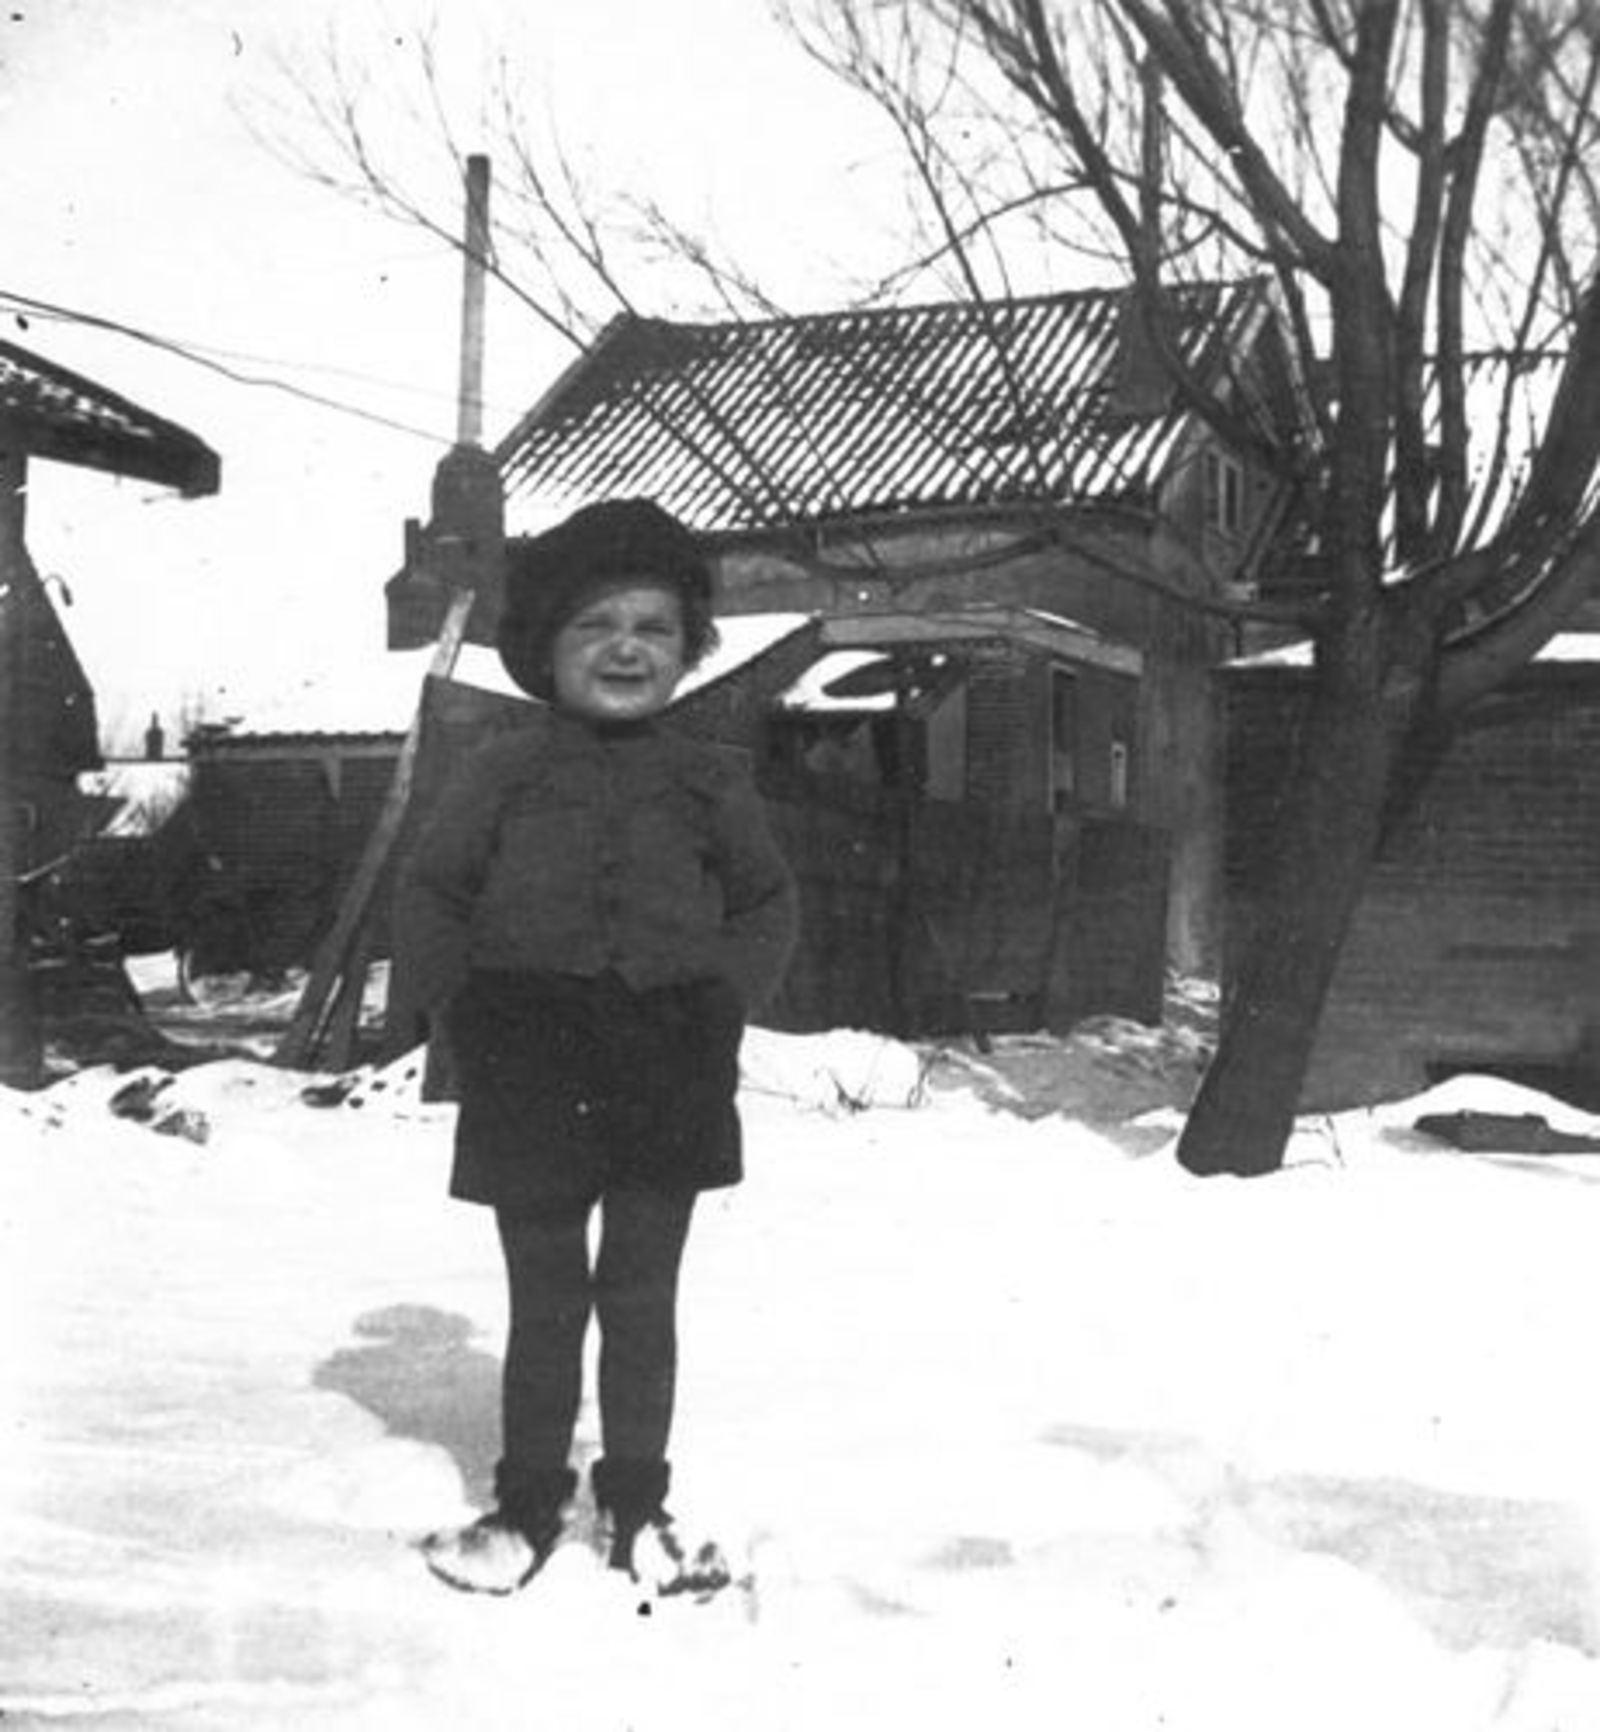 Raadhuislaan 0017± 19__ met Onbekend in de Sneeuw